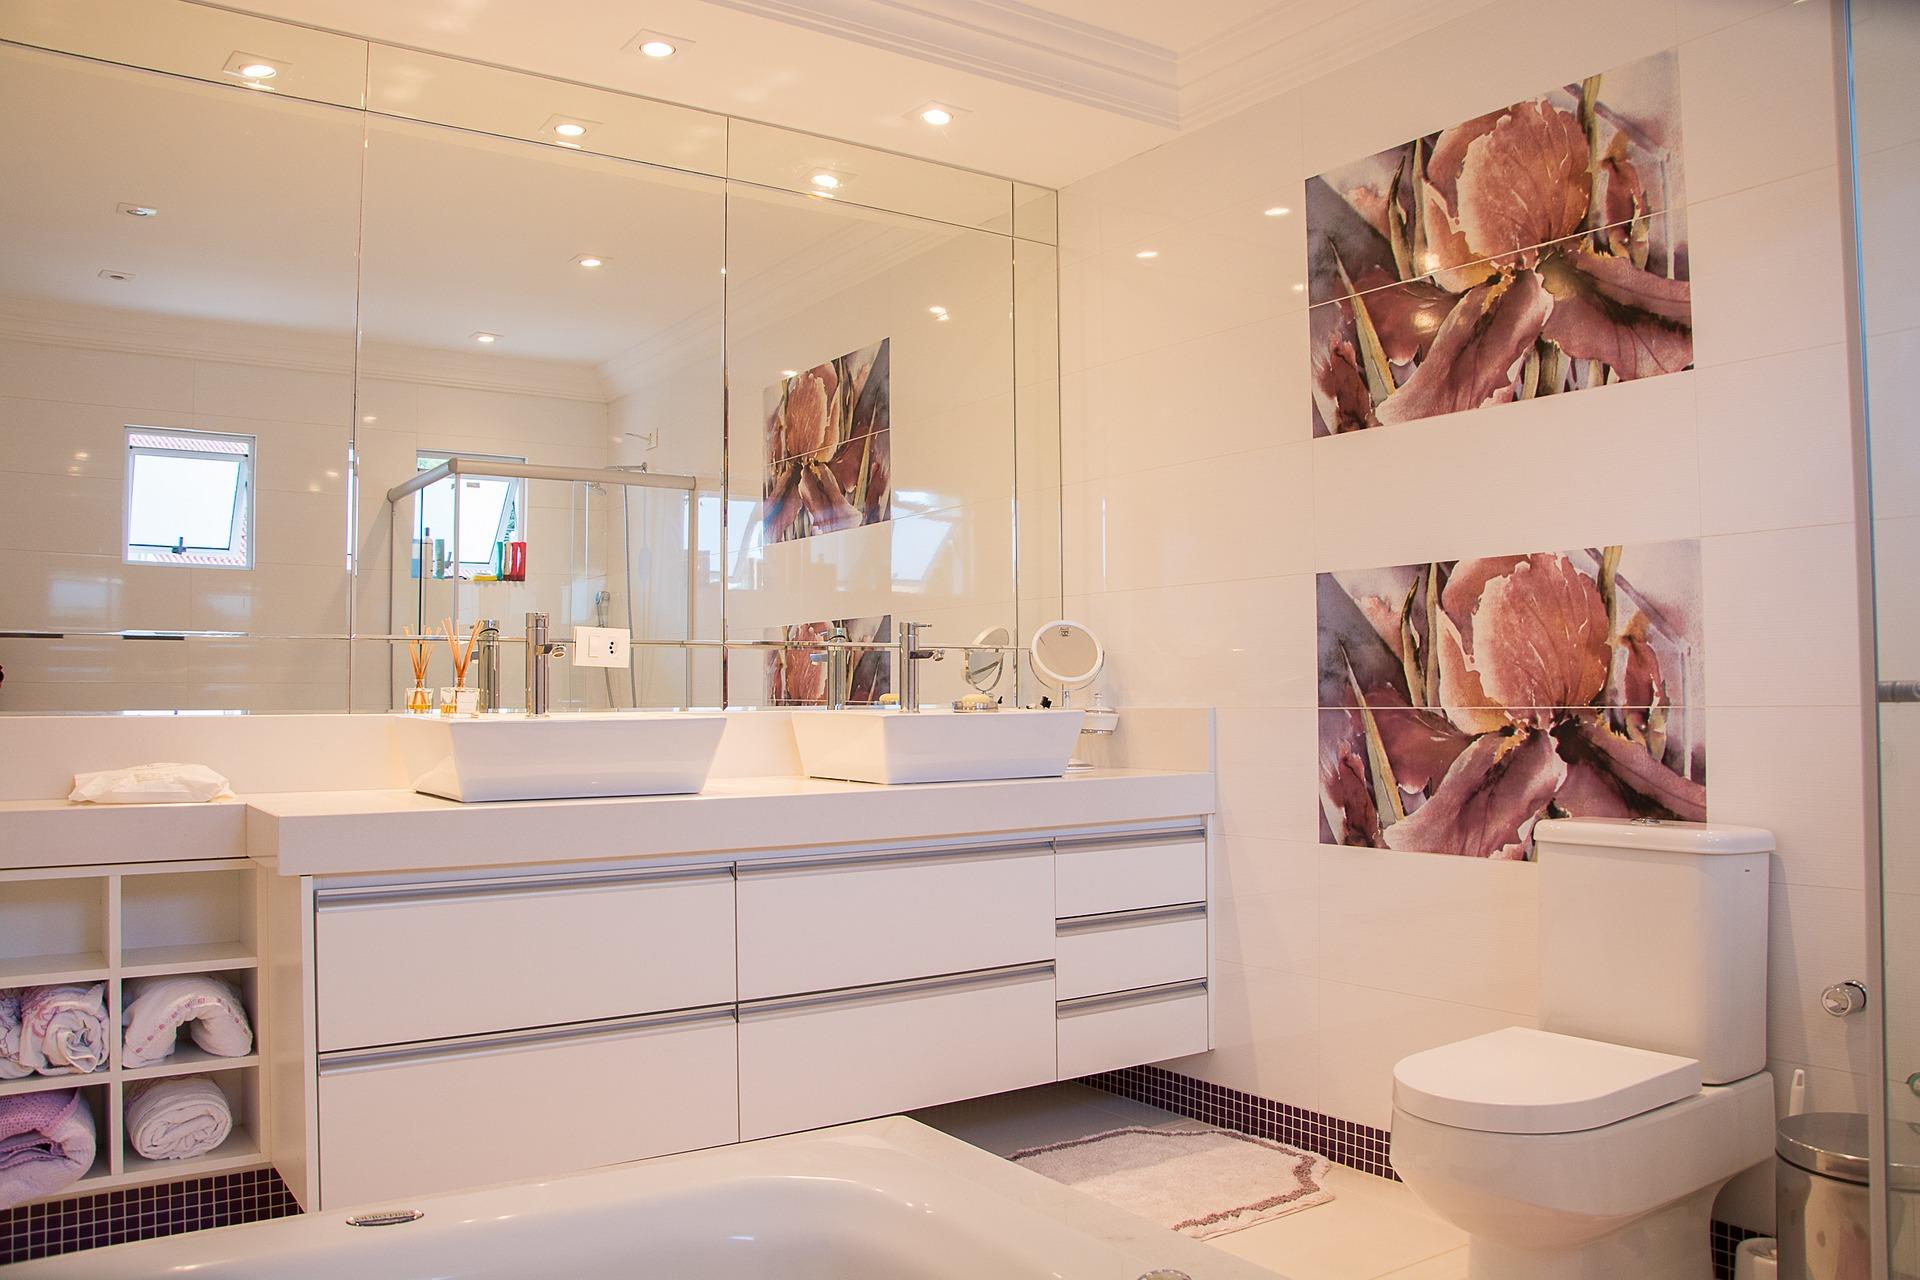 Einrichten mit Spiegel aus der Feng-Shui-Perspektive – Immobilien